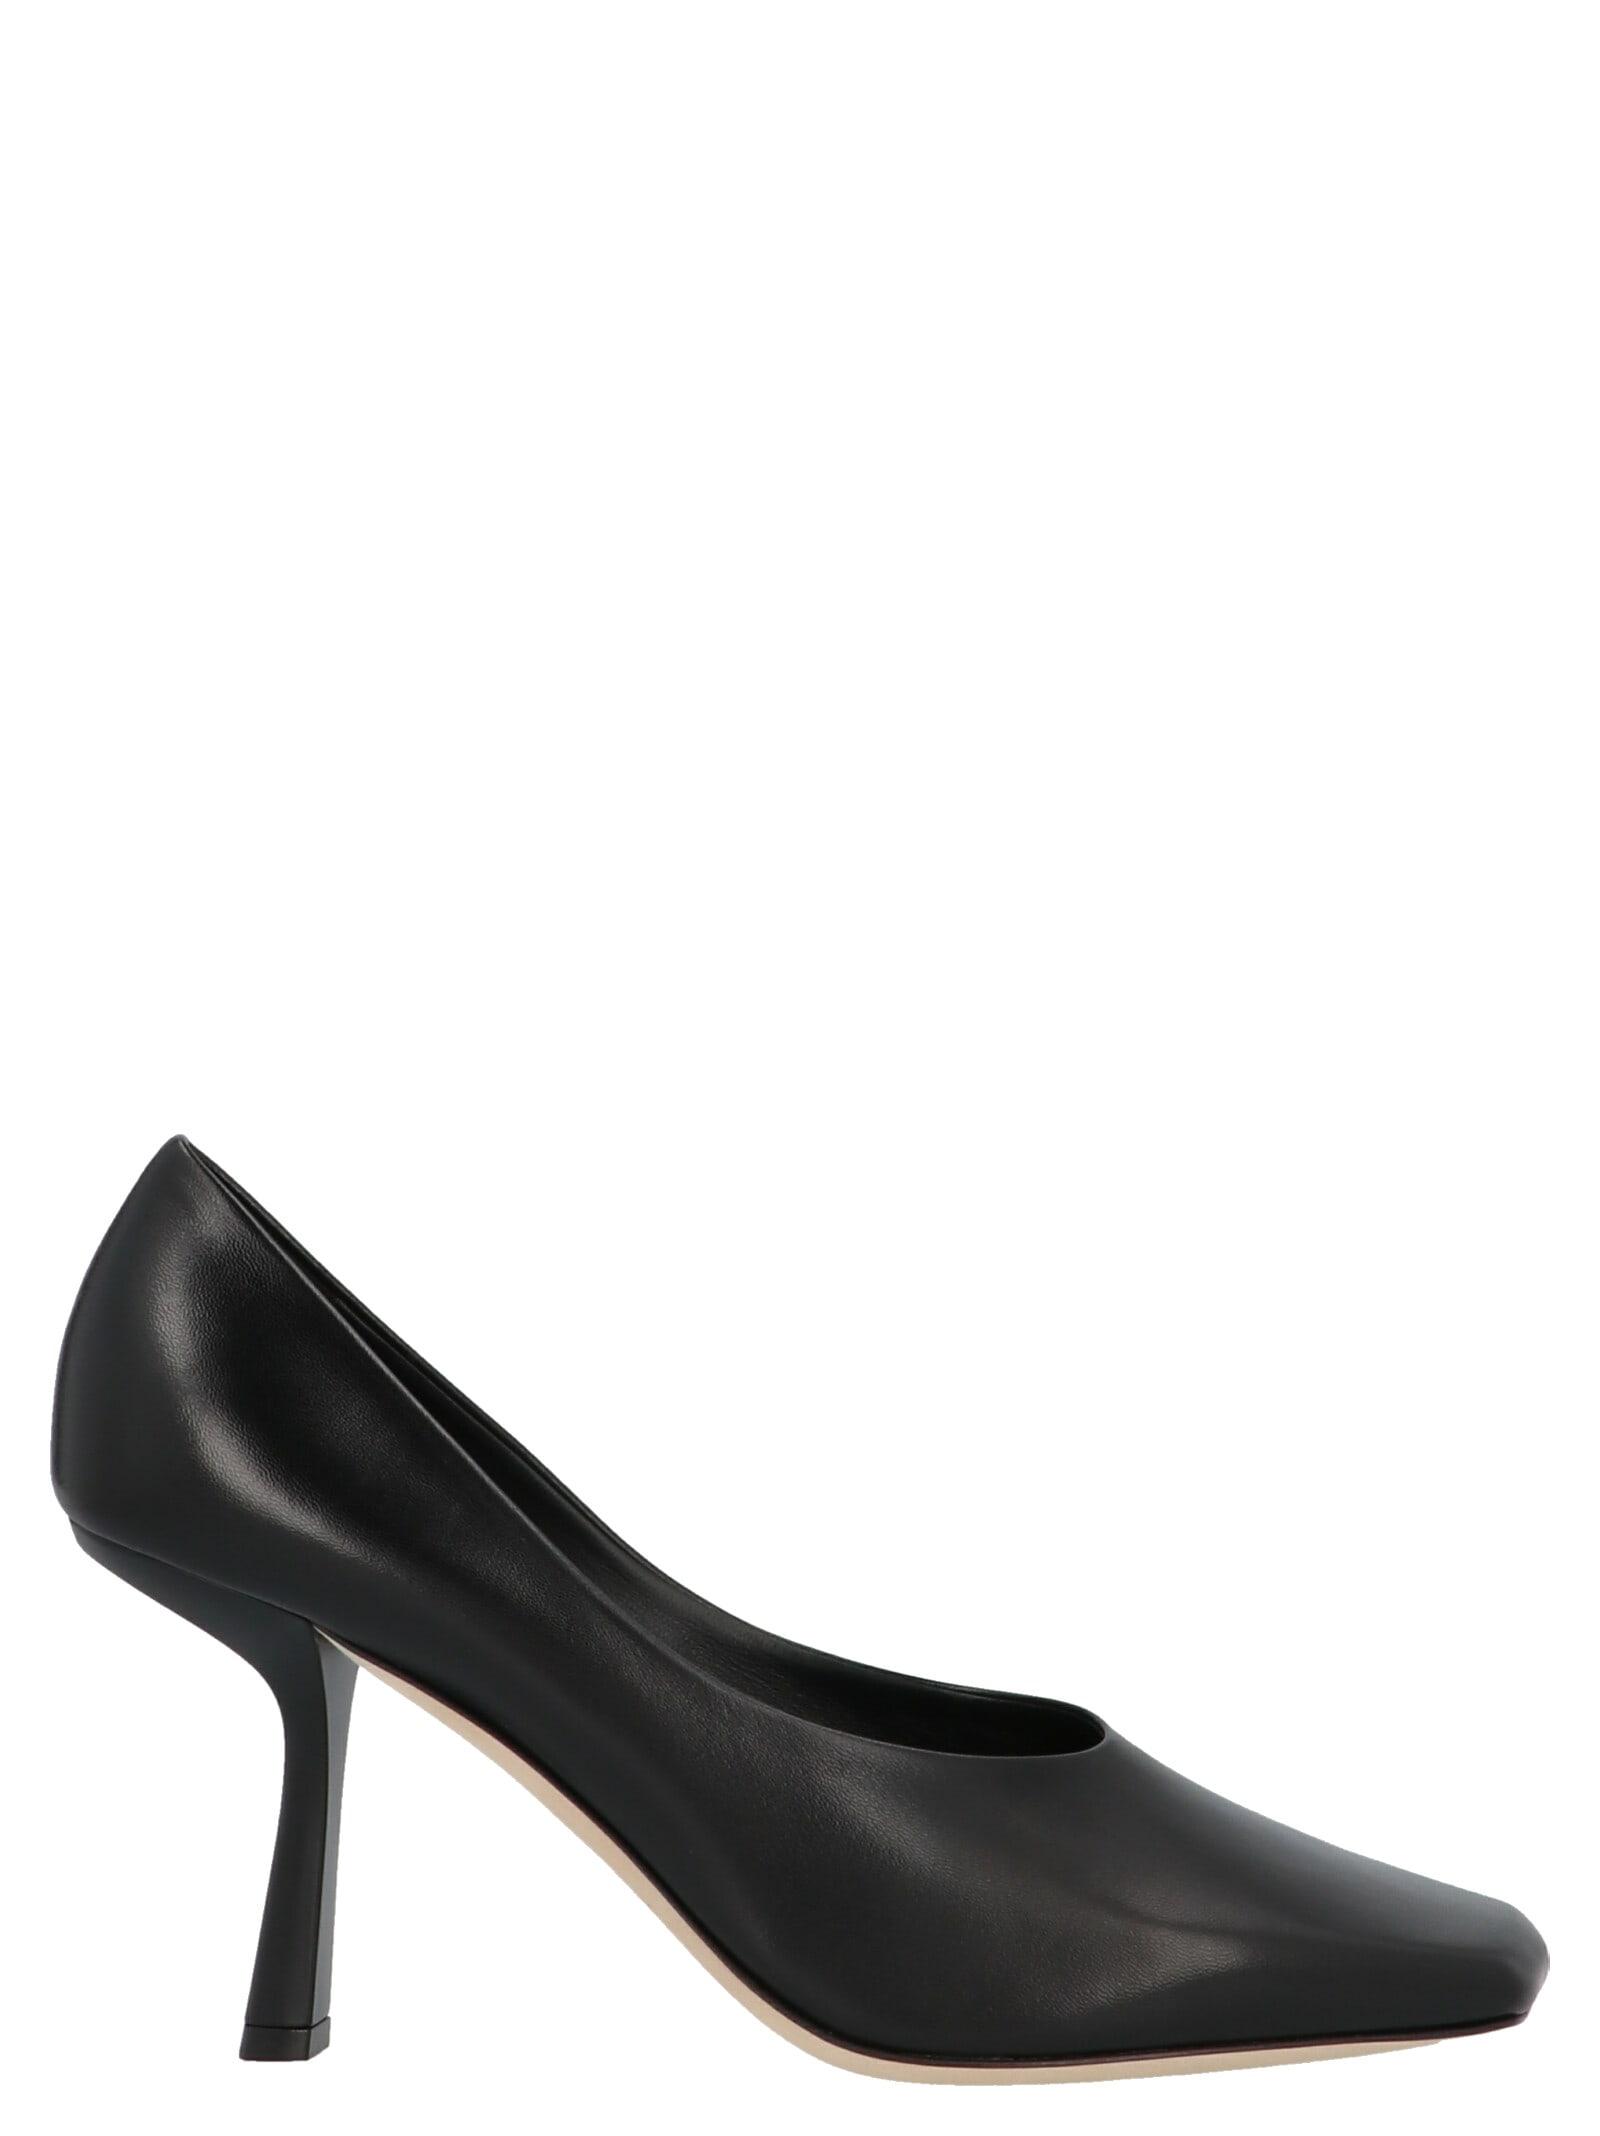 marcela Shoes